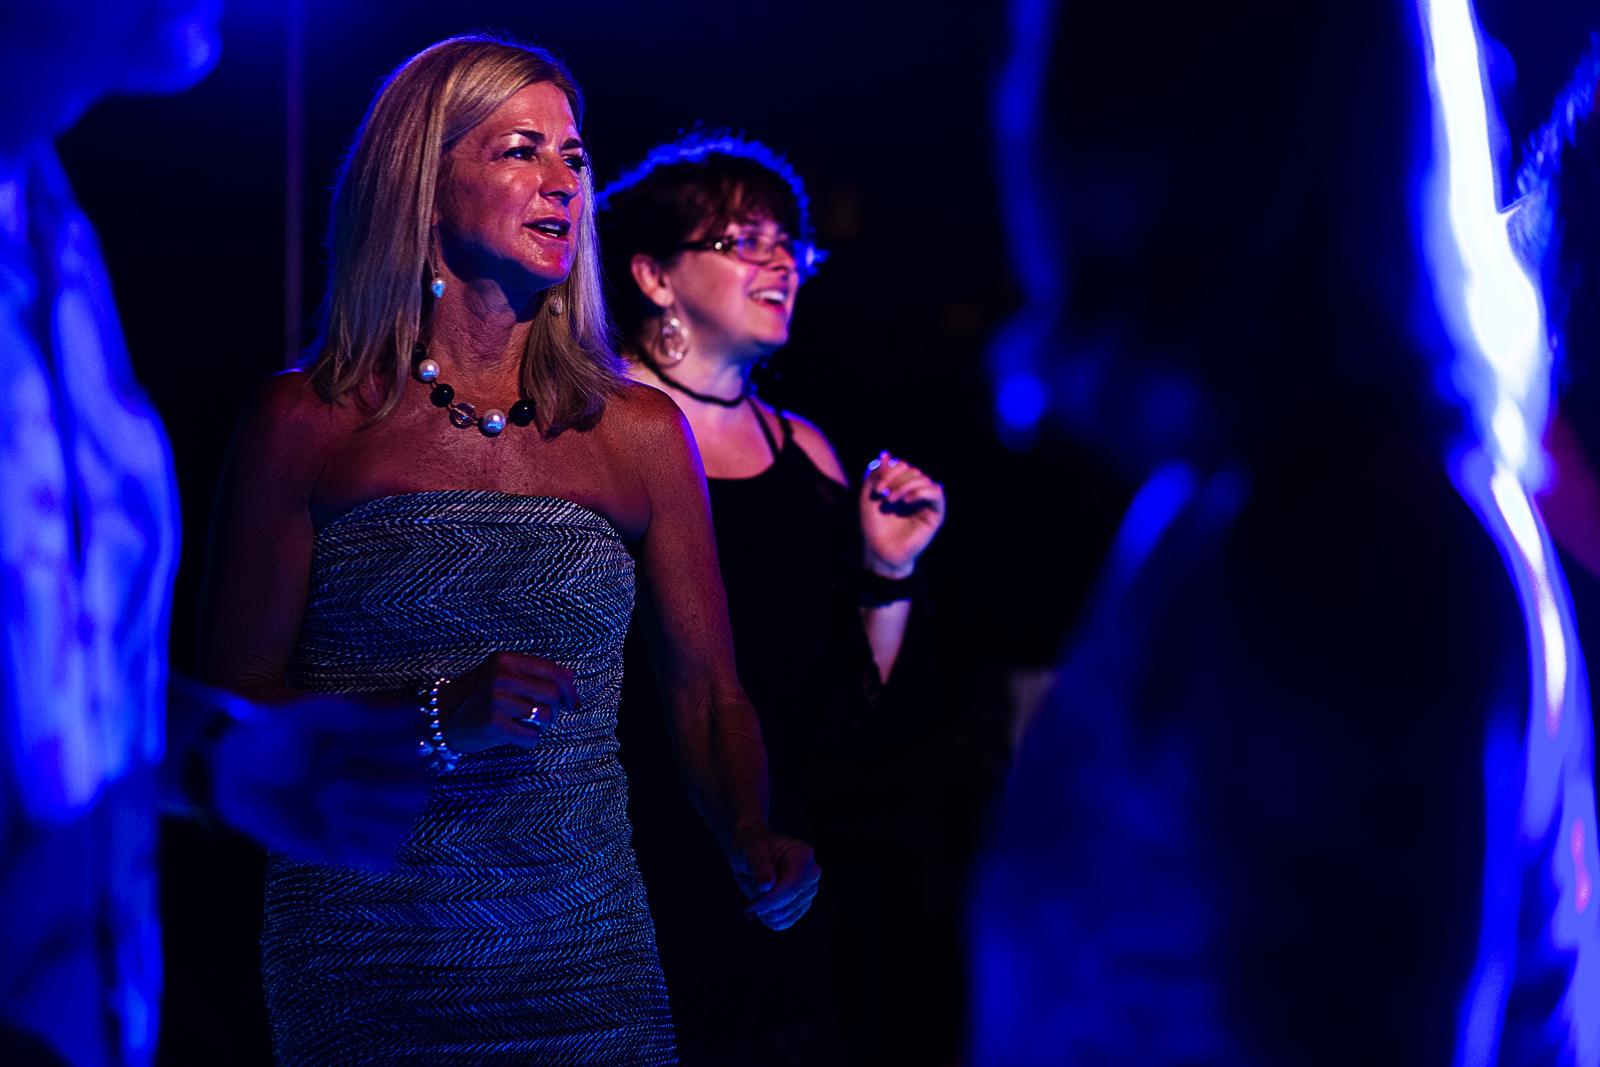 Wedding guests singing together